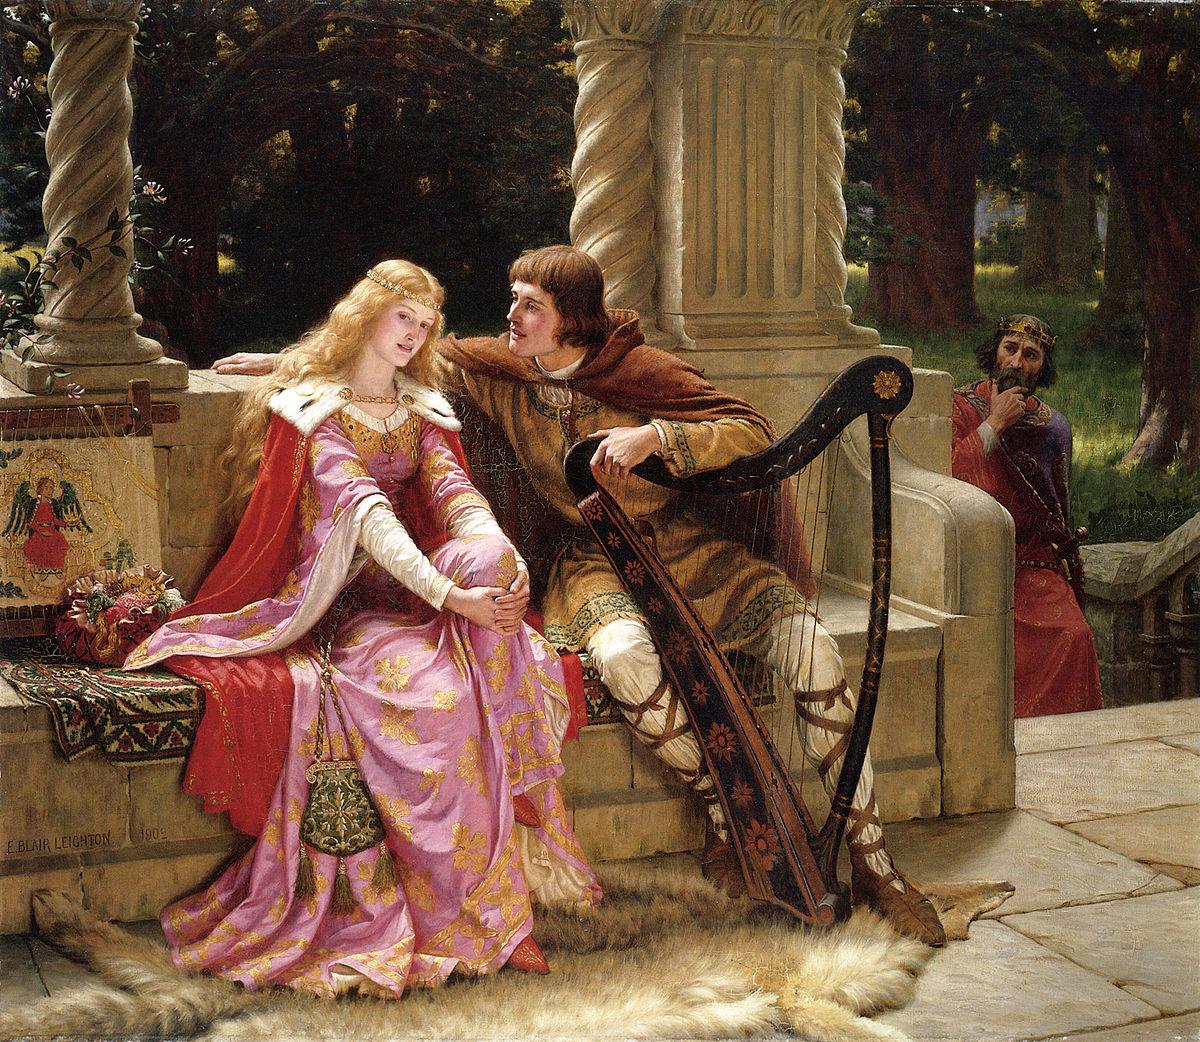 Cómo nació el matrimonio romántico